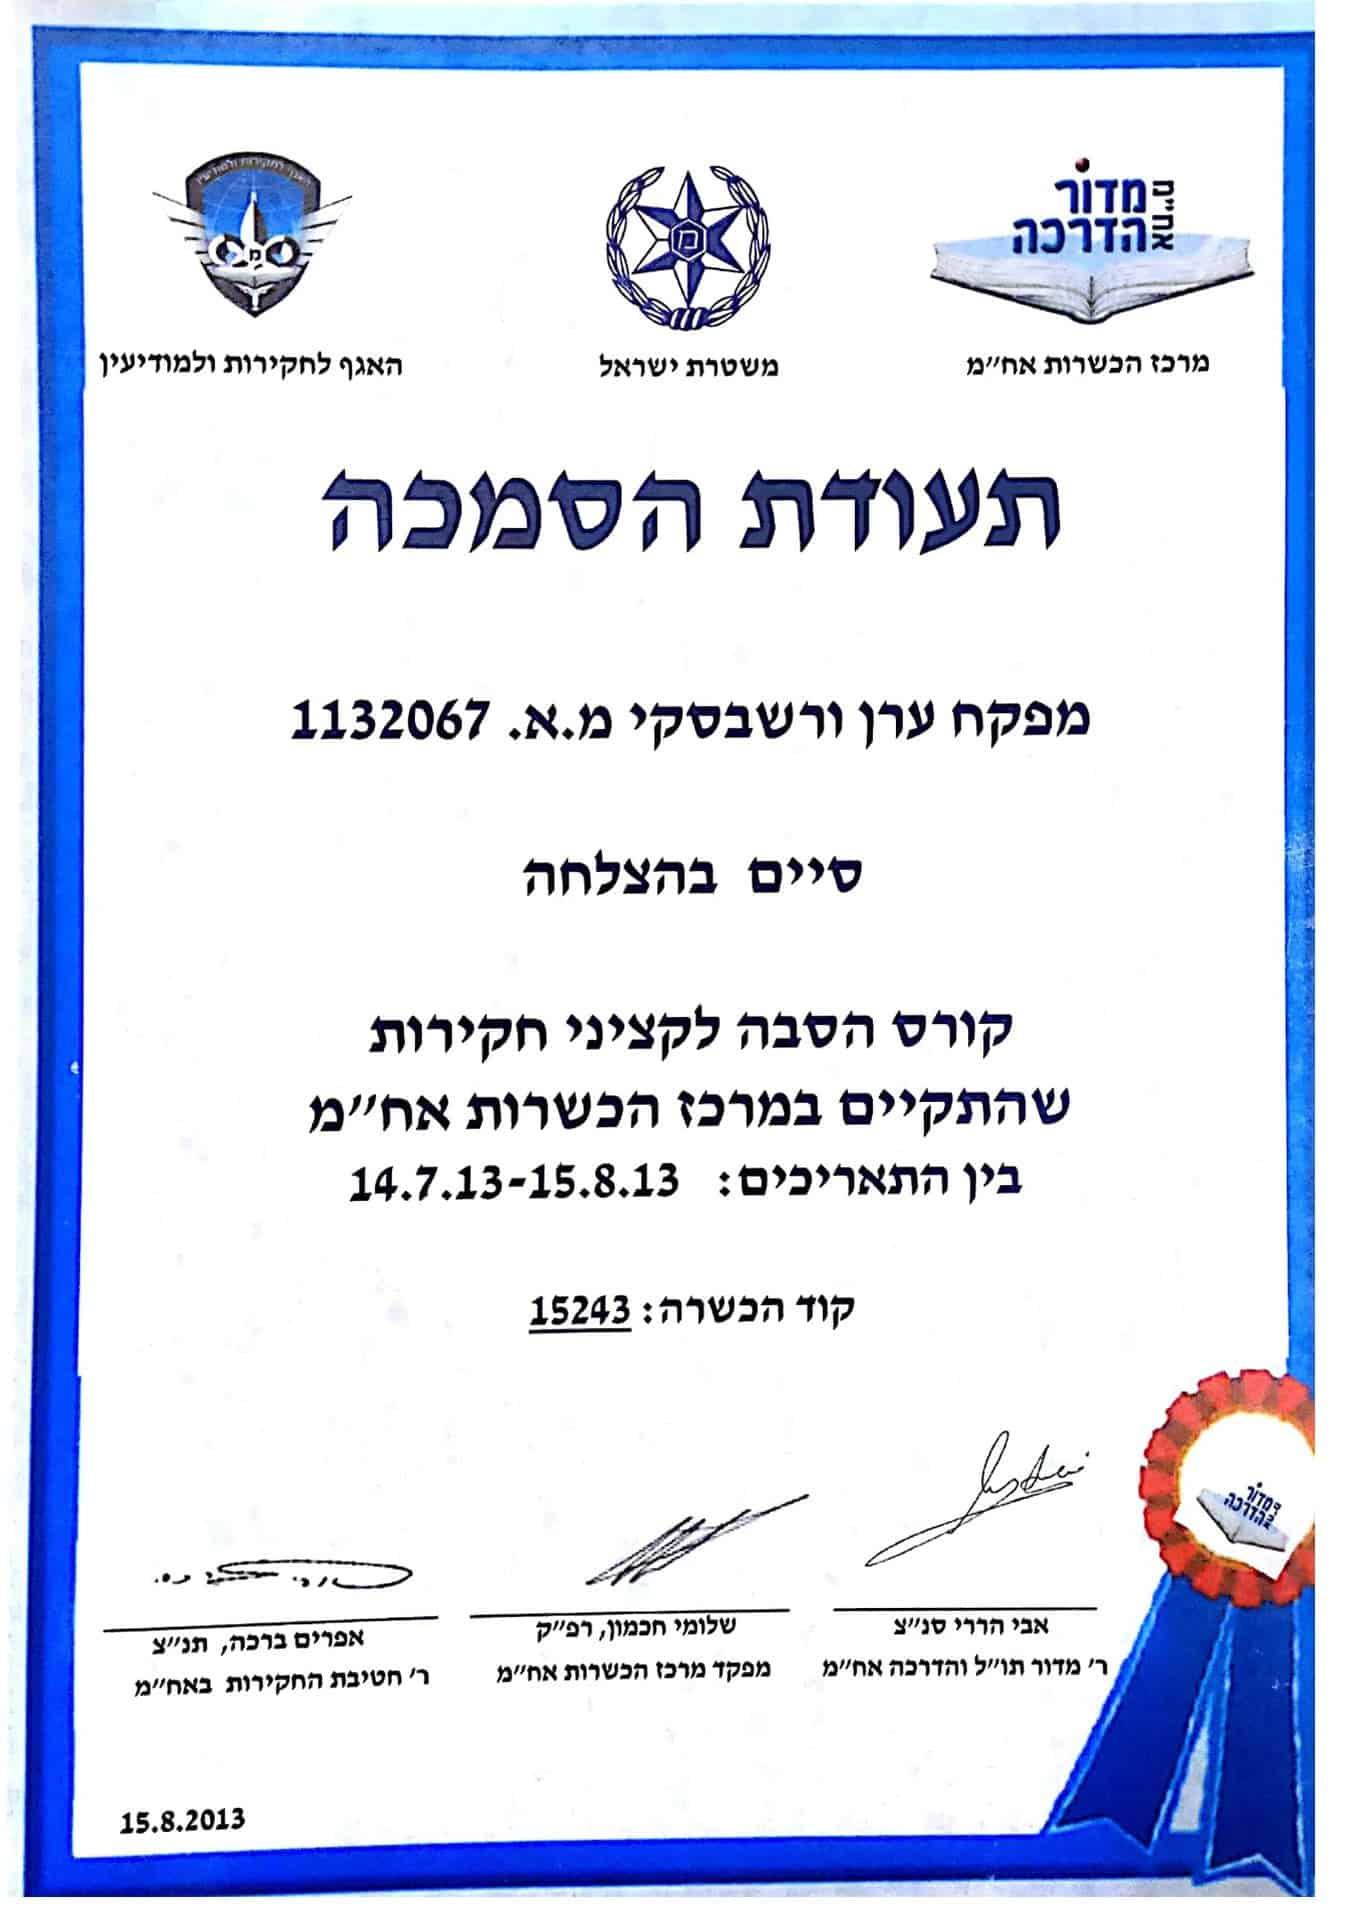 משטרת ישראל - קצין חקירות